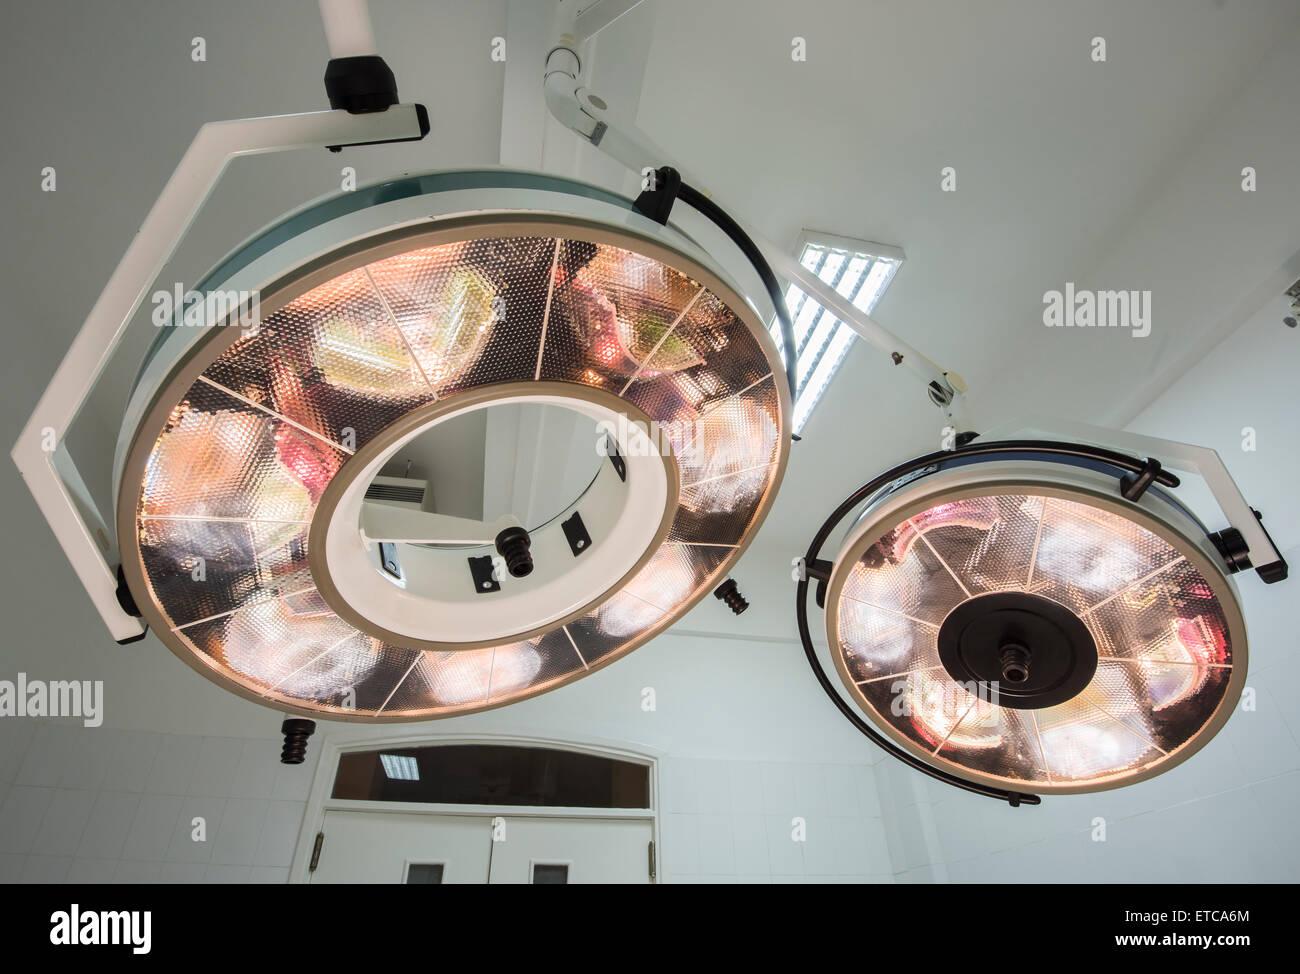 Circulaire haute puissance feux chirurgie dans un hôpital salle d'opération Photo Stock